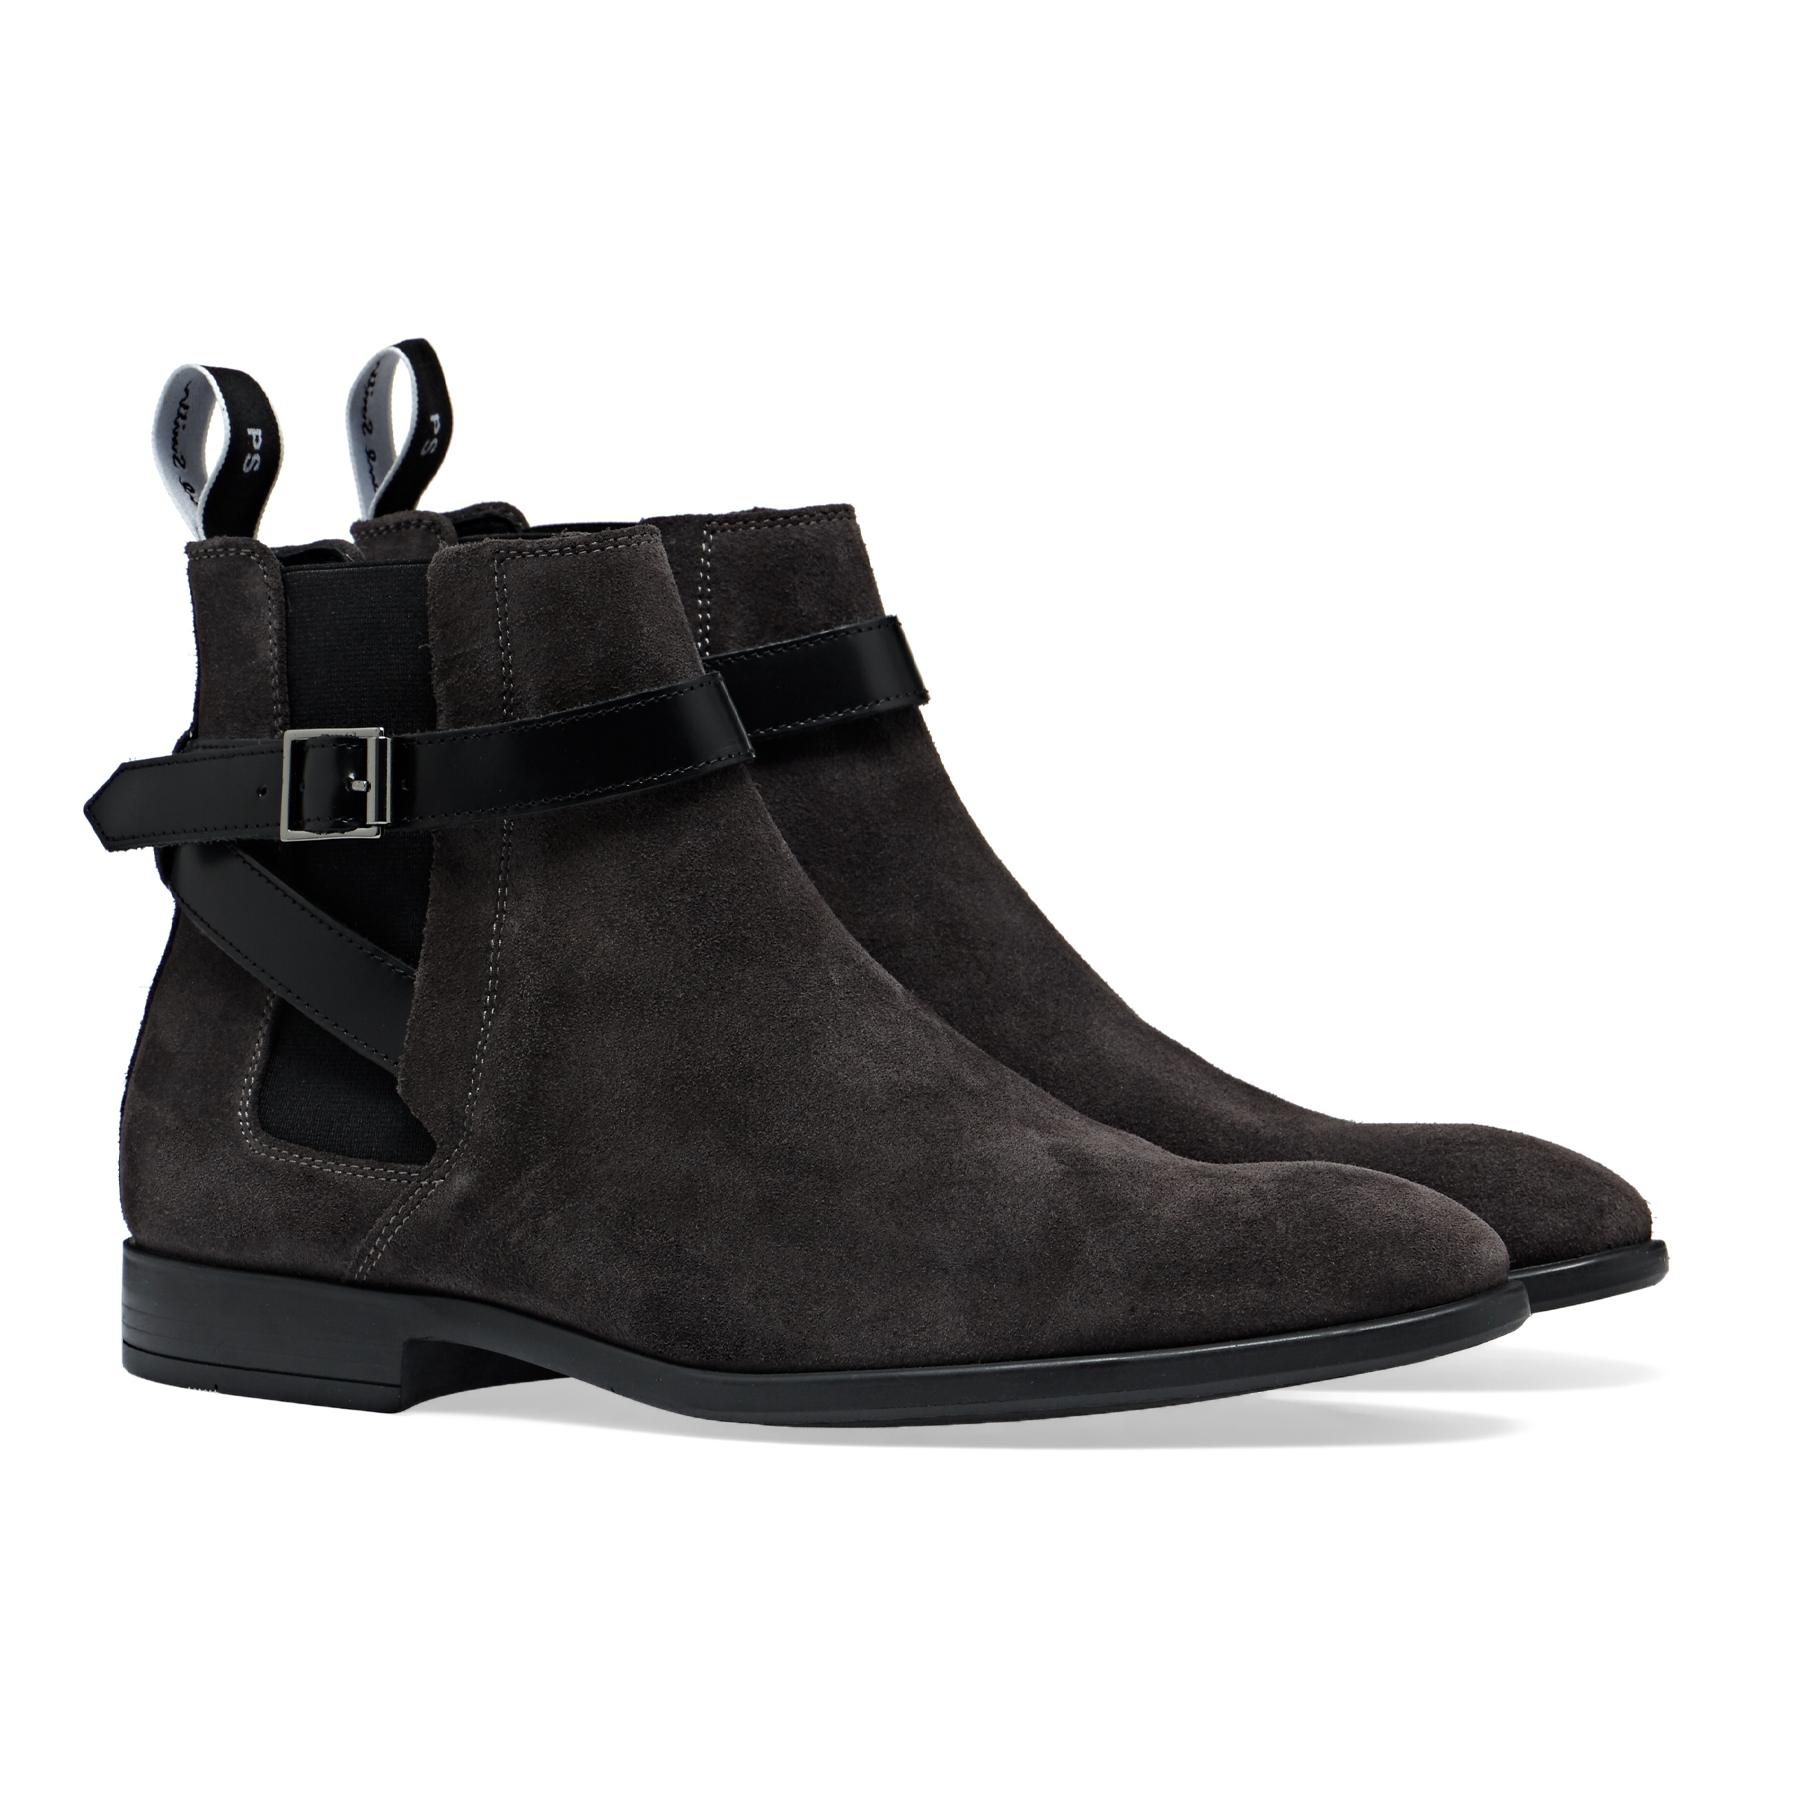 Paul Smith Harrow Boots - Grey